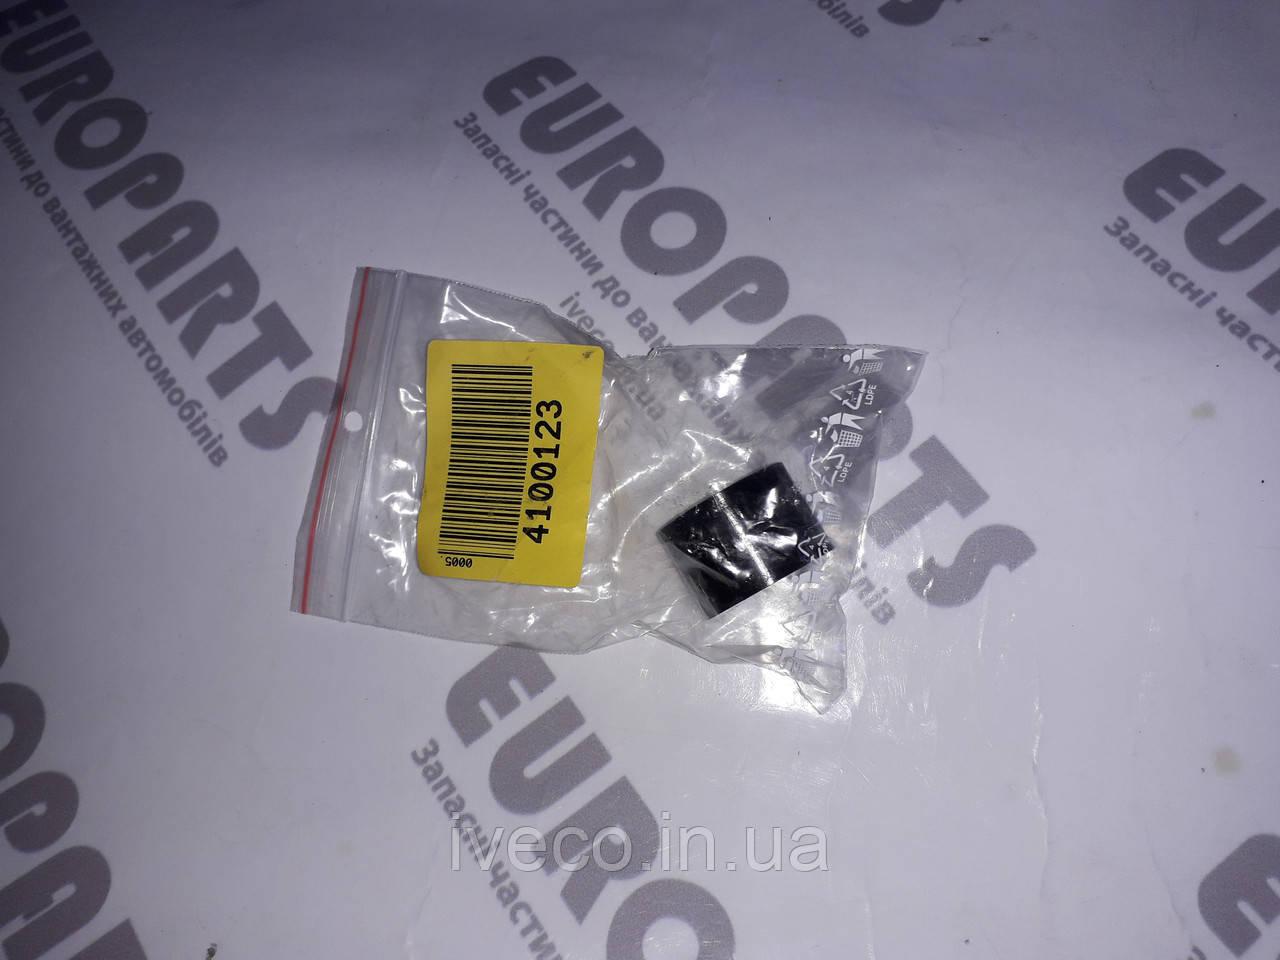 Втулка кулисы , крепление кулисы, уплотнение штока КПП Iveco Trakker EuroTrakker Stralis Ивеко 42008075